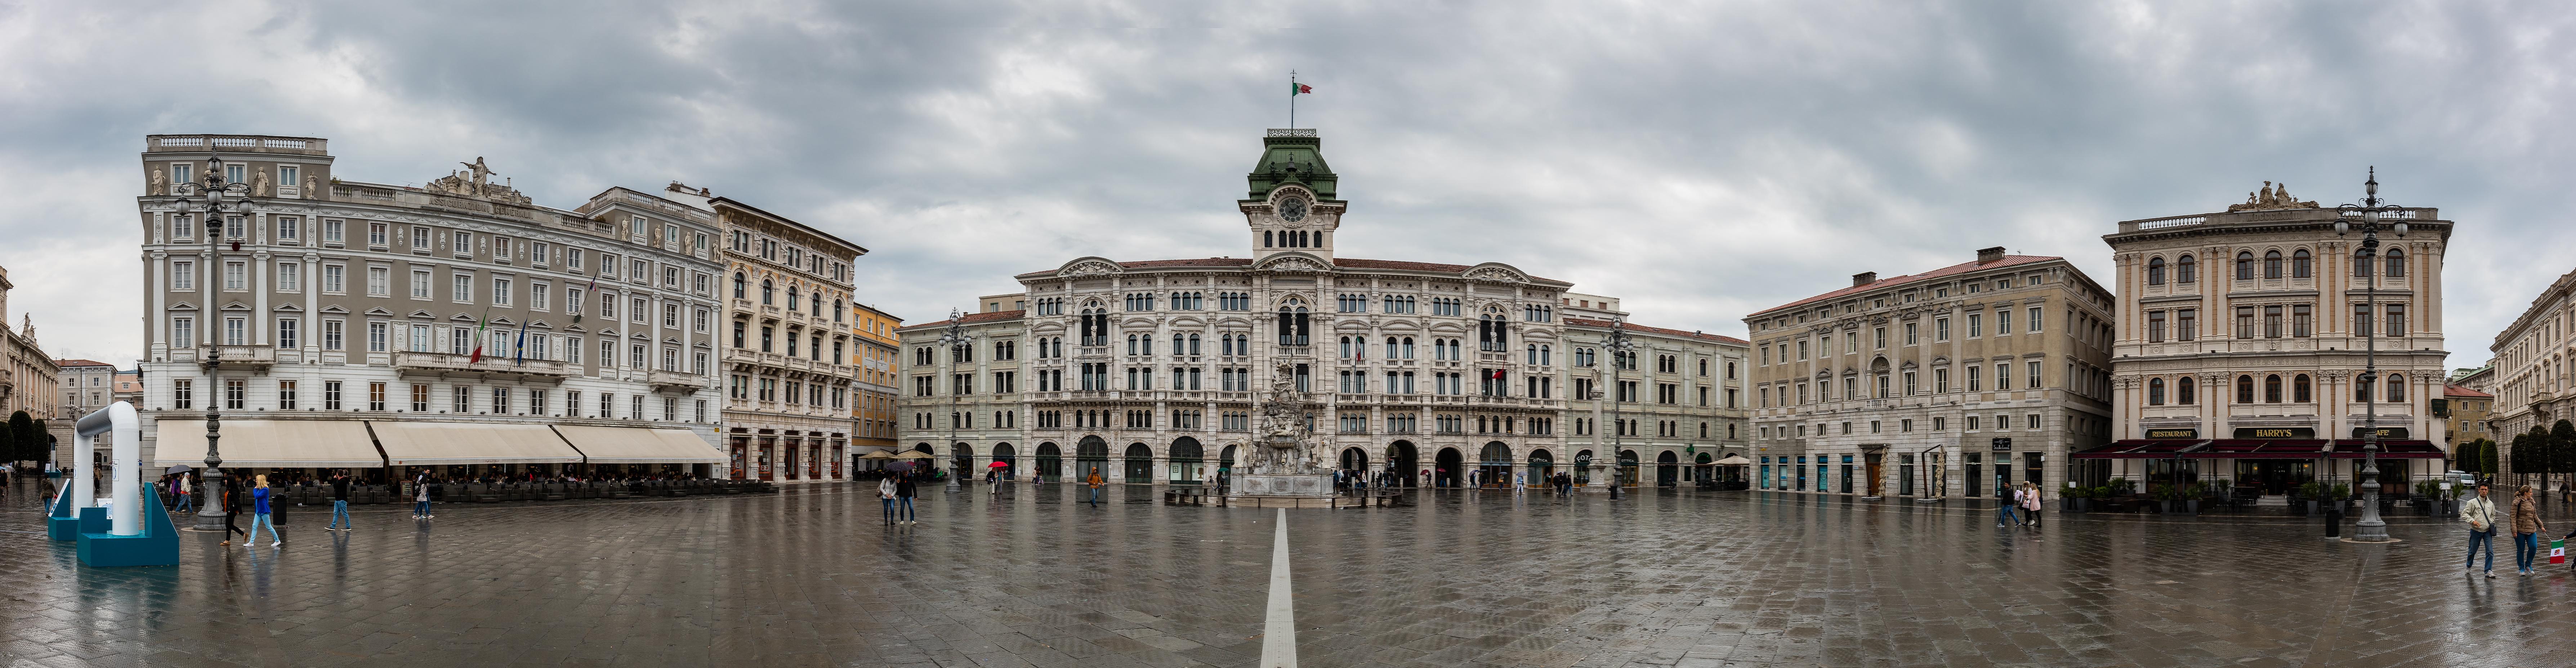 File:Plaza de la Unidad de Italia, Trieste, Italia, 2017 ...